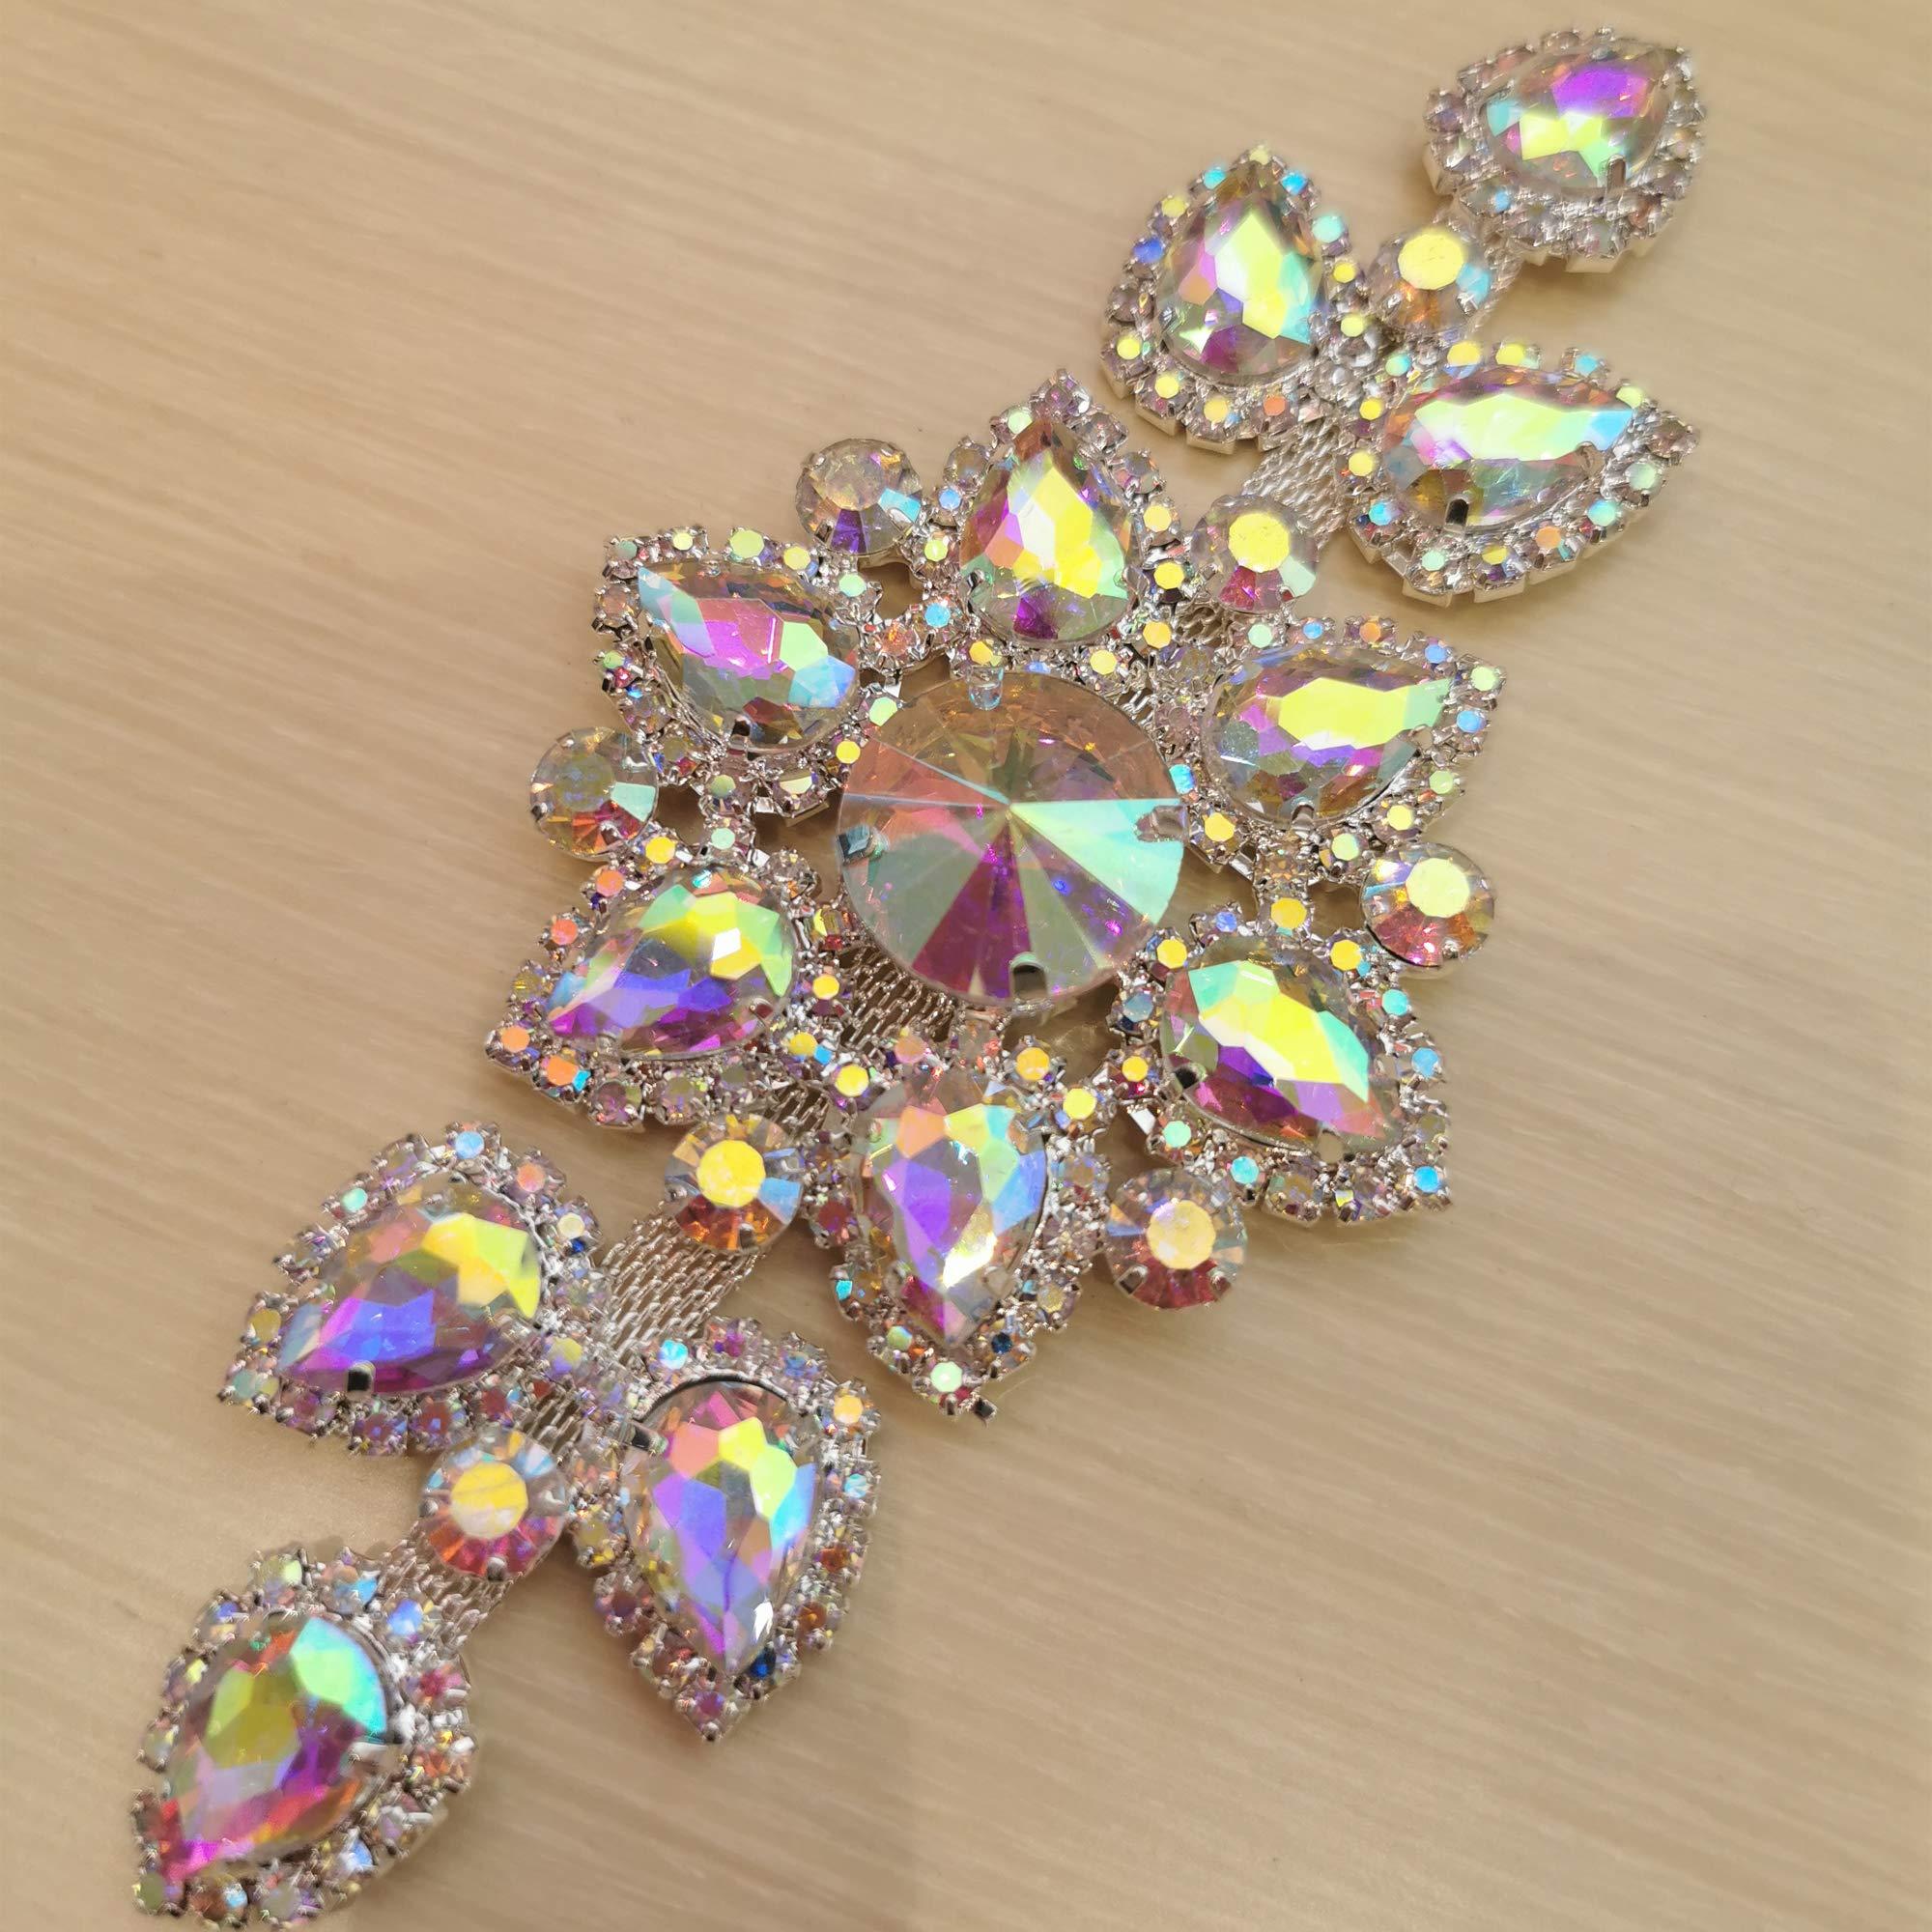 Crystal AB Rhinestones Belt Applique for Wedding Garters Clothes Sew On Bridal Rhinestone Applique for Wedding Evening Dress 13 x 6 cm Crystal AB - Silver Base, 5.12 x 2.36 inches /